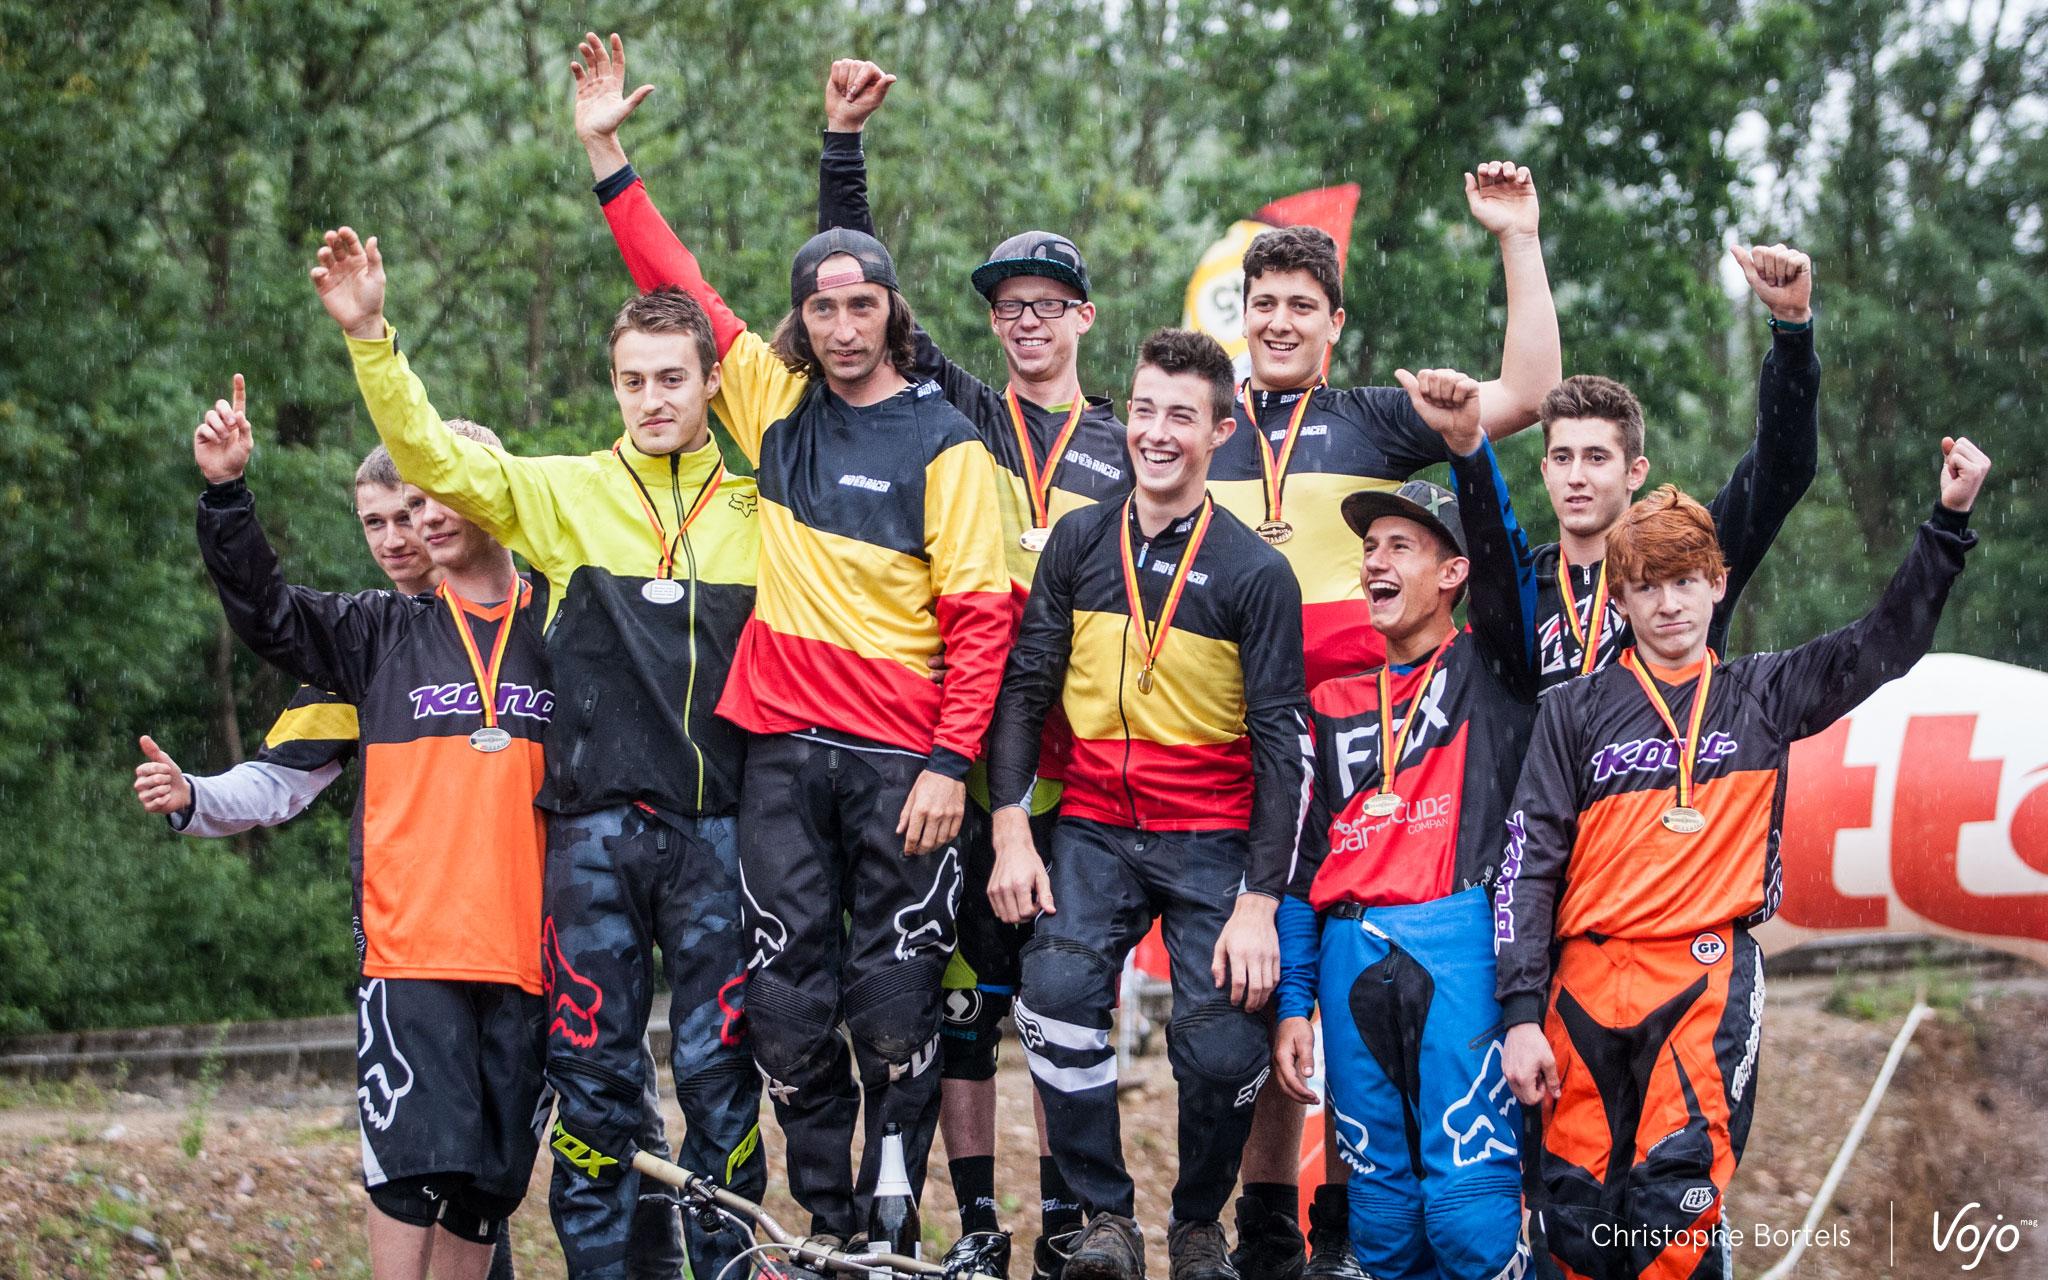 championnat-belgique-vielsalm-podium-BE